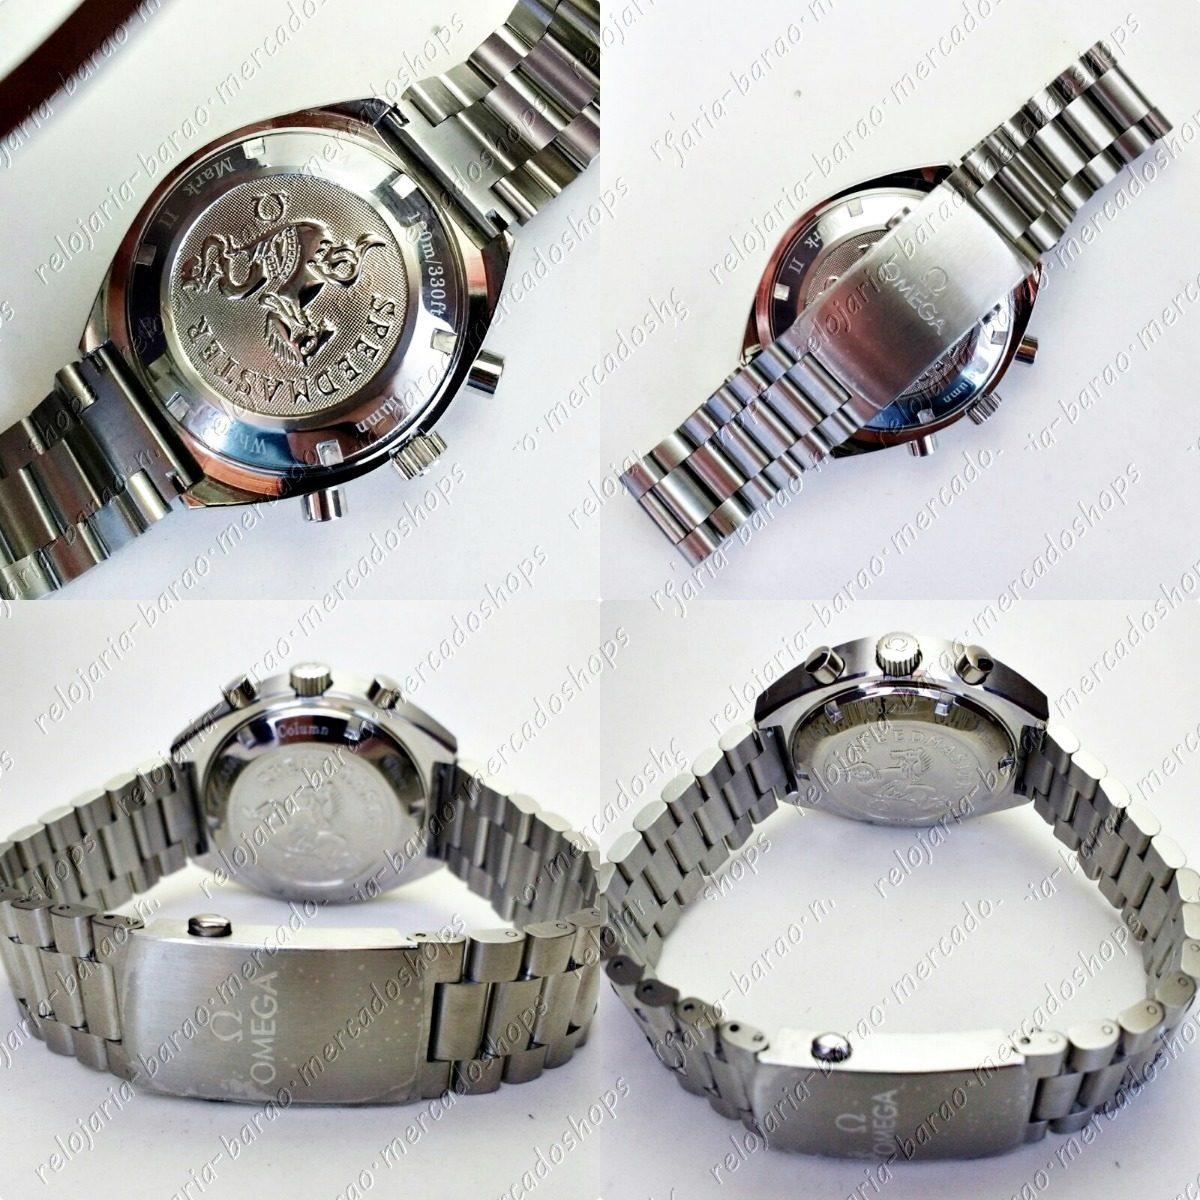 0d0fecbcf51 relógio modelo speedmaster omega mark i i 70 s vintage. Carregando zoom.